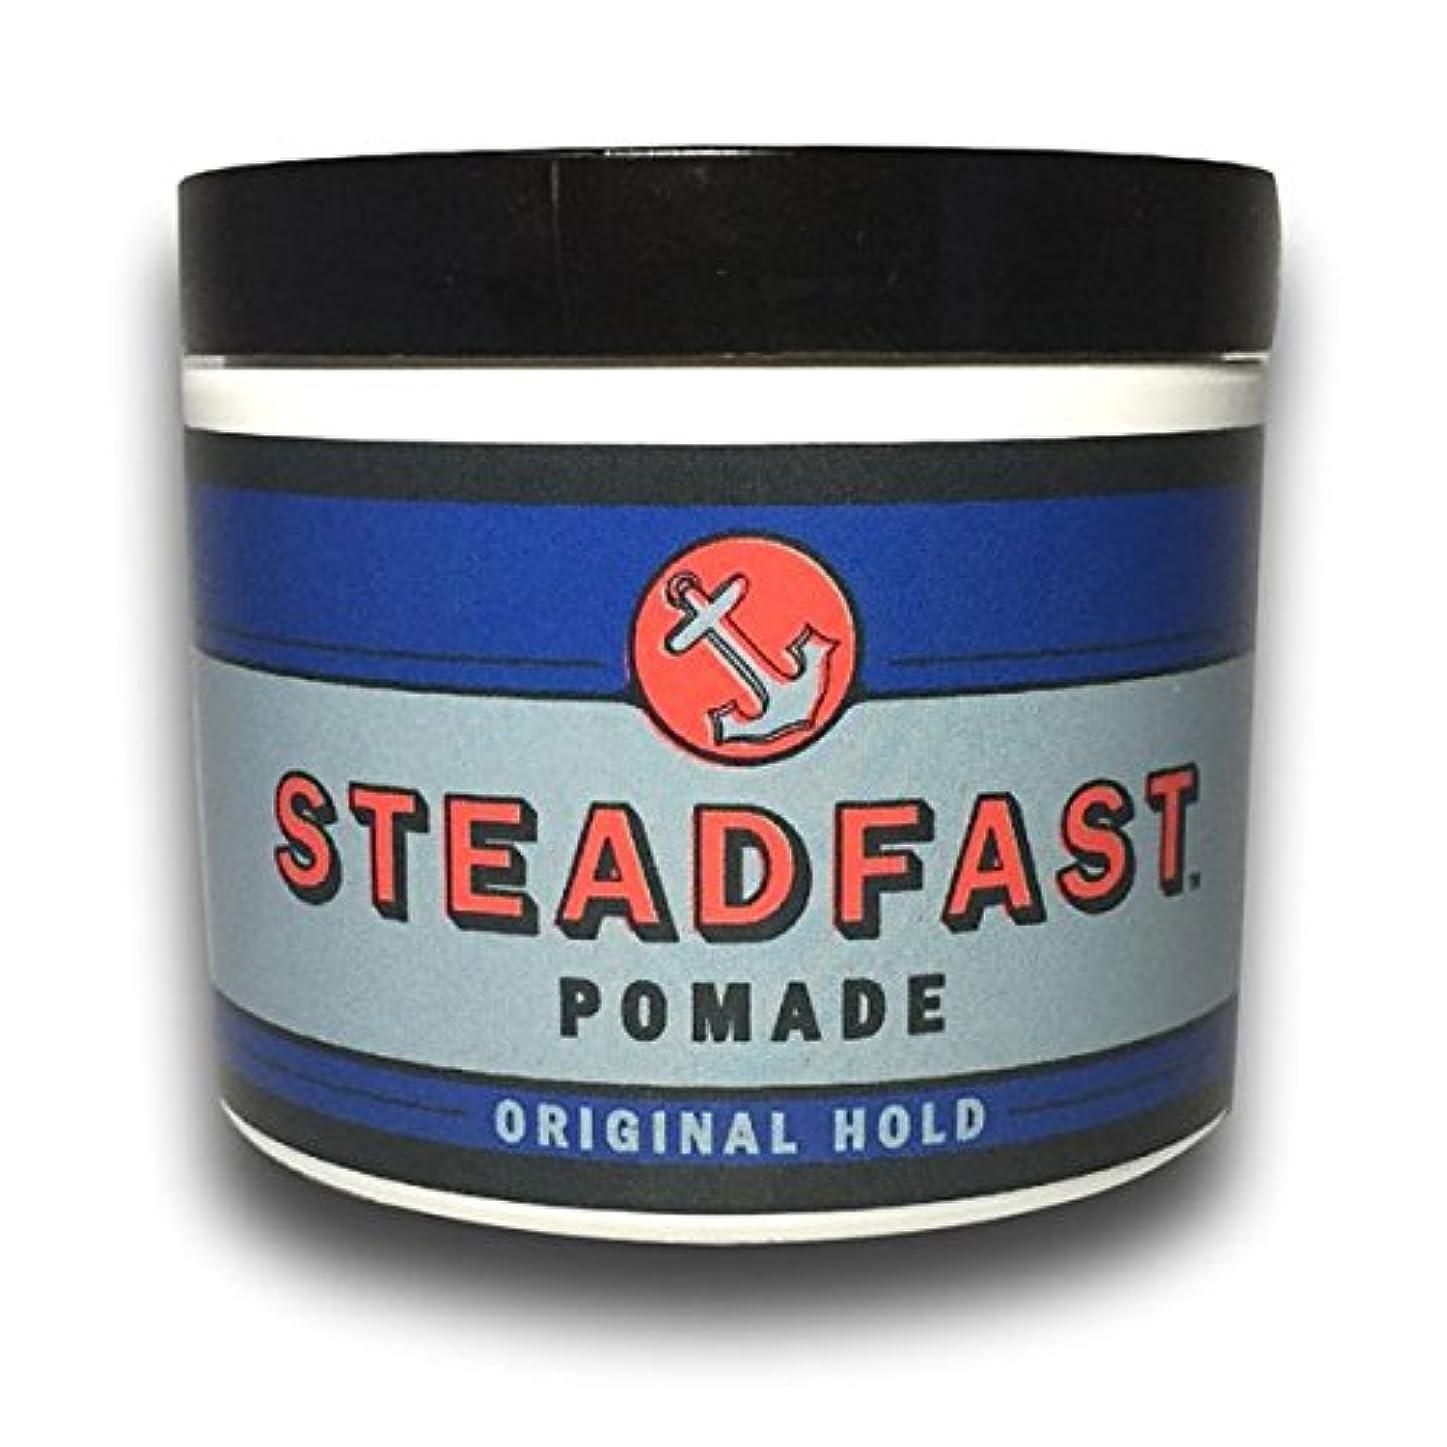 正当な眉平和的【Steadfast Pomade】 ステッドファスト ポマード 【Original Hold】 水性ポマード オリジナルホールド 4oz(113.39g) MADE IN U.S.A